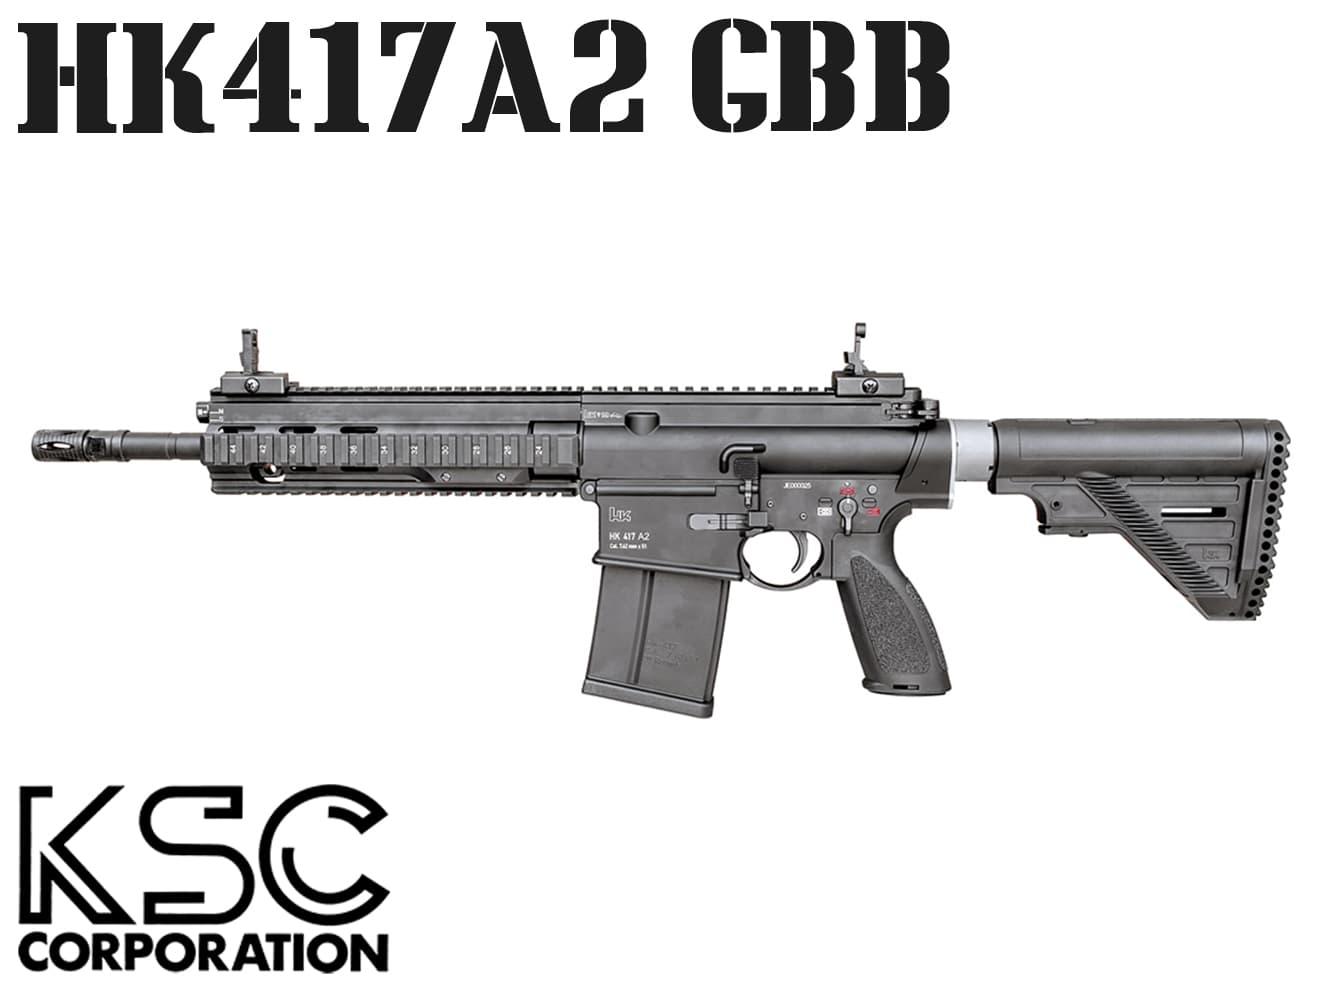 【送料無料】KSC ガスブローバック HK417A2◆ガスガン/GBB/リアルショック/バトルライフル/公認モデル/システム7